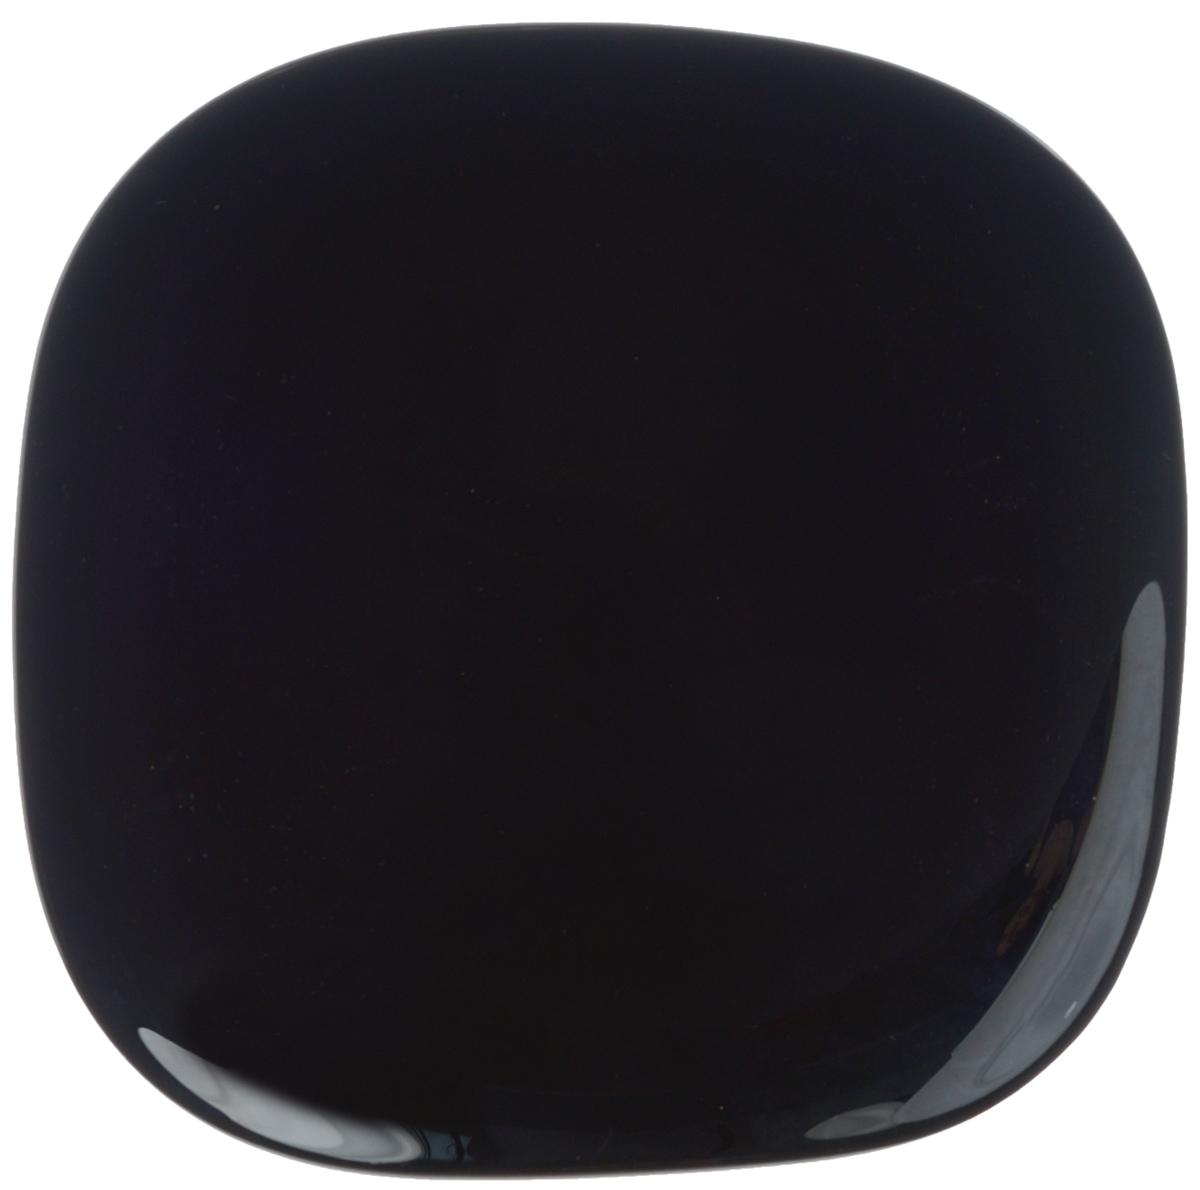 Тарелка десертная Luminarc Yalta Black, 20,5 х 20,5 смH5280Десертная тарелка Luminarc Yalta Black, изготовленная из ударопрочного стекла, имеет изысканный внешний вид. Такая тарелка прекрасно подходит как для торжественных случаев, так и для повседневного использования. Идеальна для подачи десертов, пирожных, тортов и многого другого. Она прекрасно оформит стол и станет отличным дополнением к вашей коллекции кухонной посуды. Размер тарелки: 20,5 х 20,5 х 2,5 см.